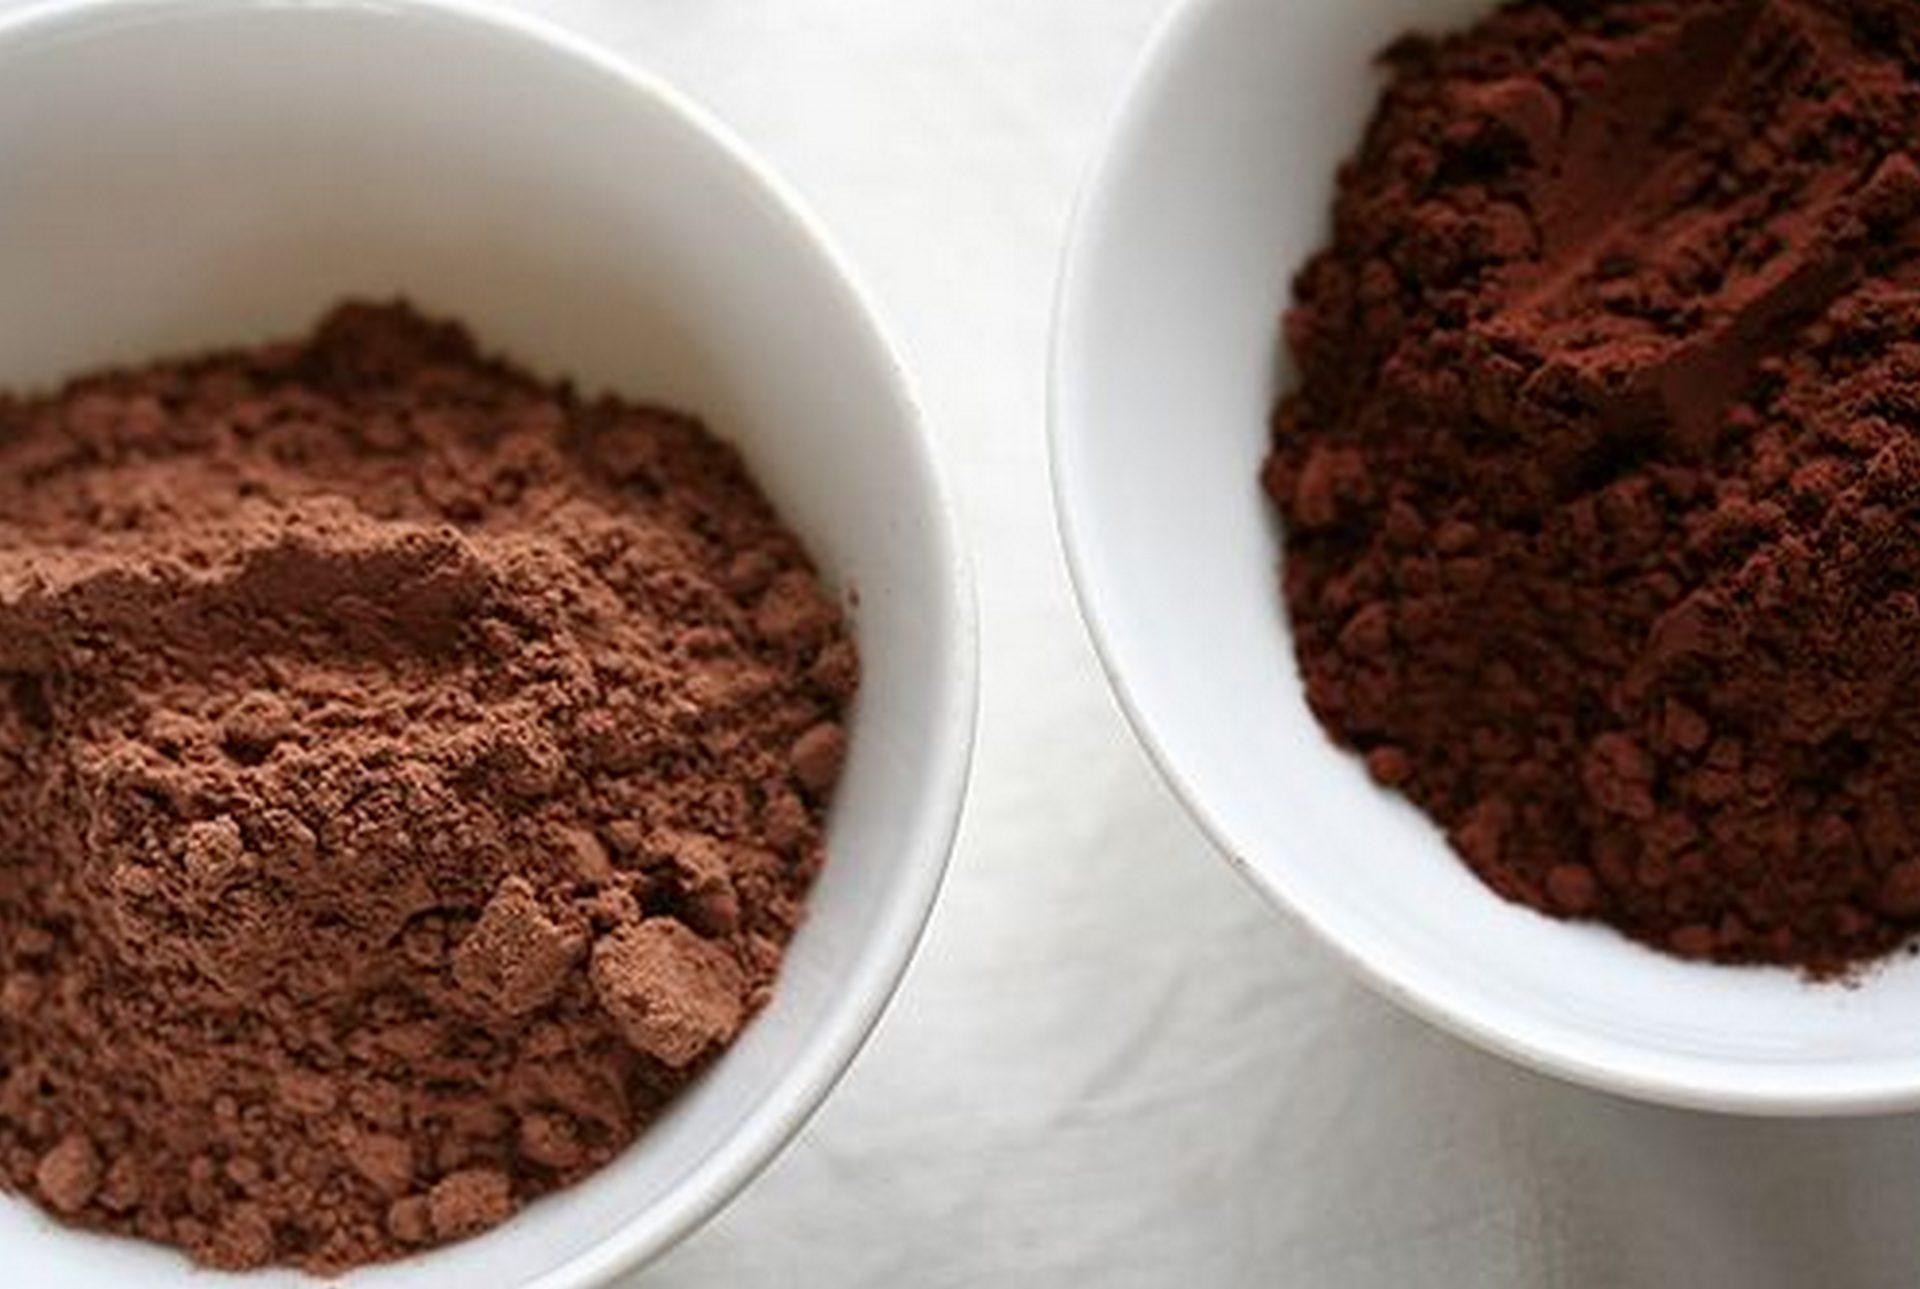 Полезные свойства какао для организма человека